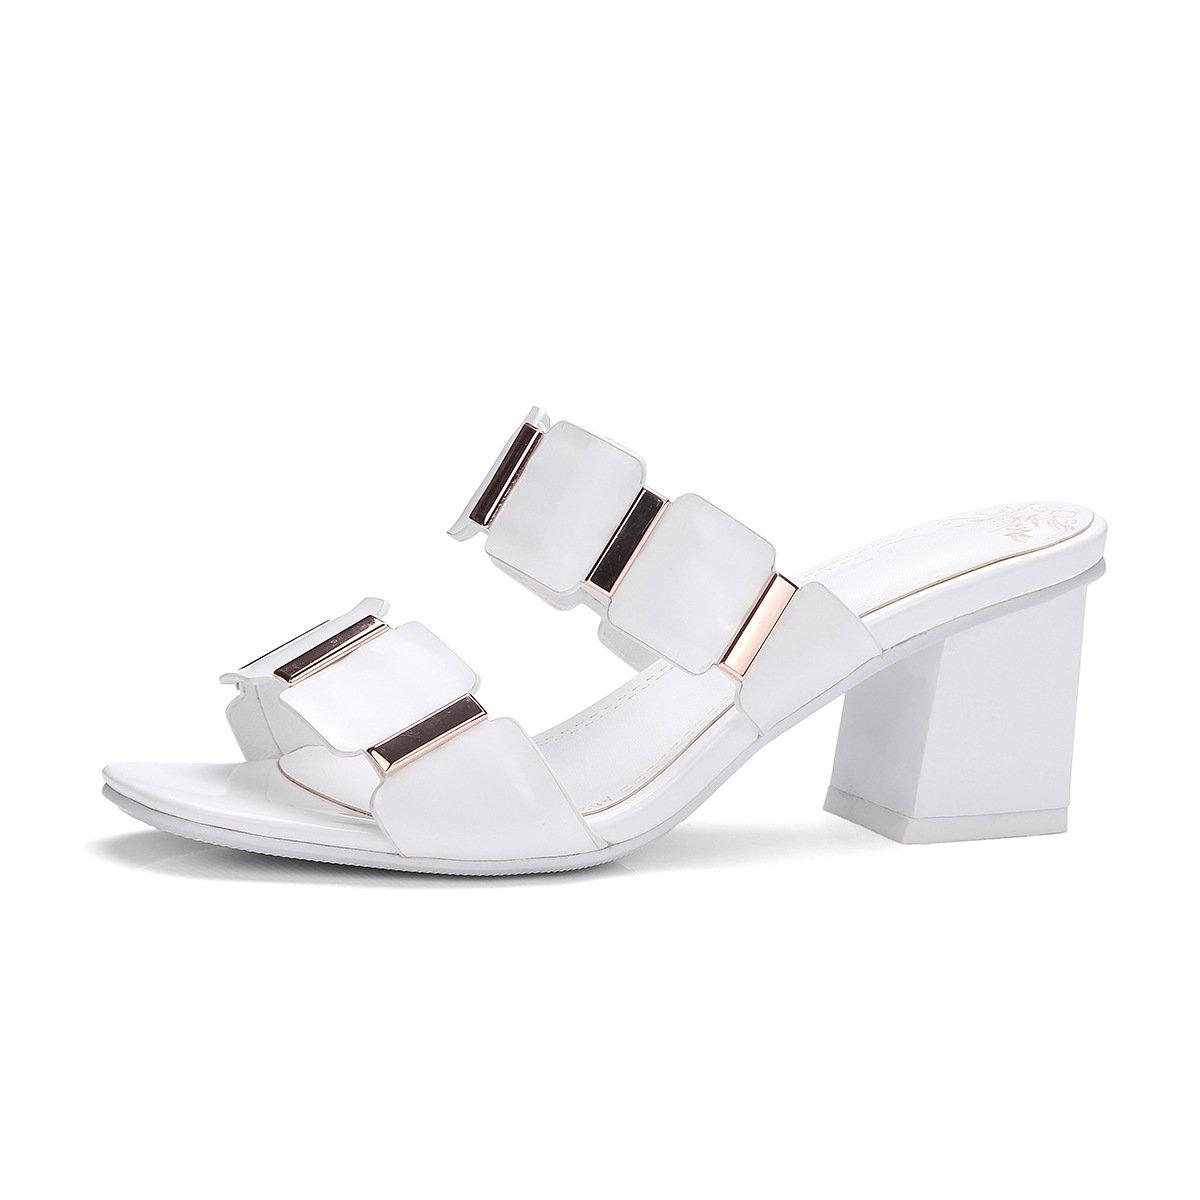 Sandales pour pour Blanc Femmes, B00MY4MVGQ Talons Hauts, Pantoufles Blanc 8936584 - boatplans.space